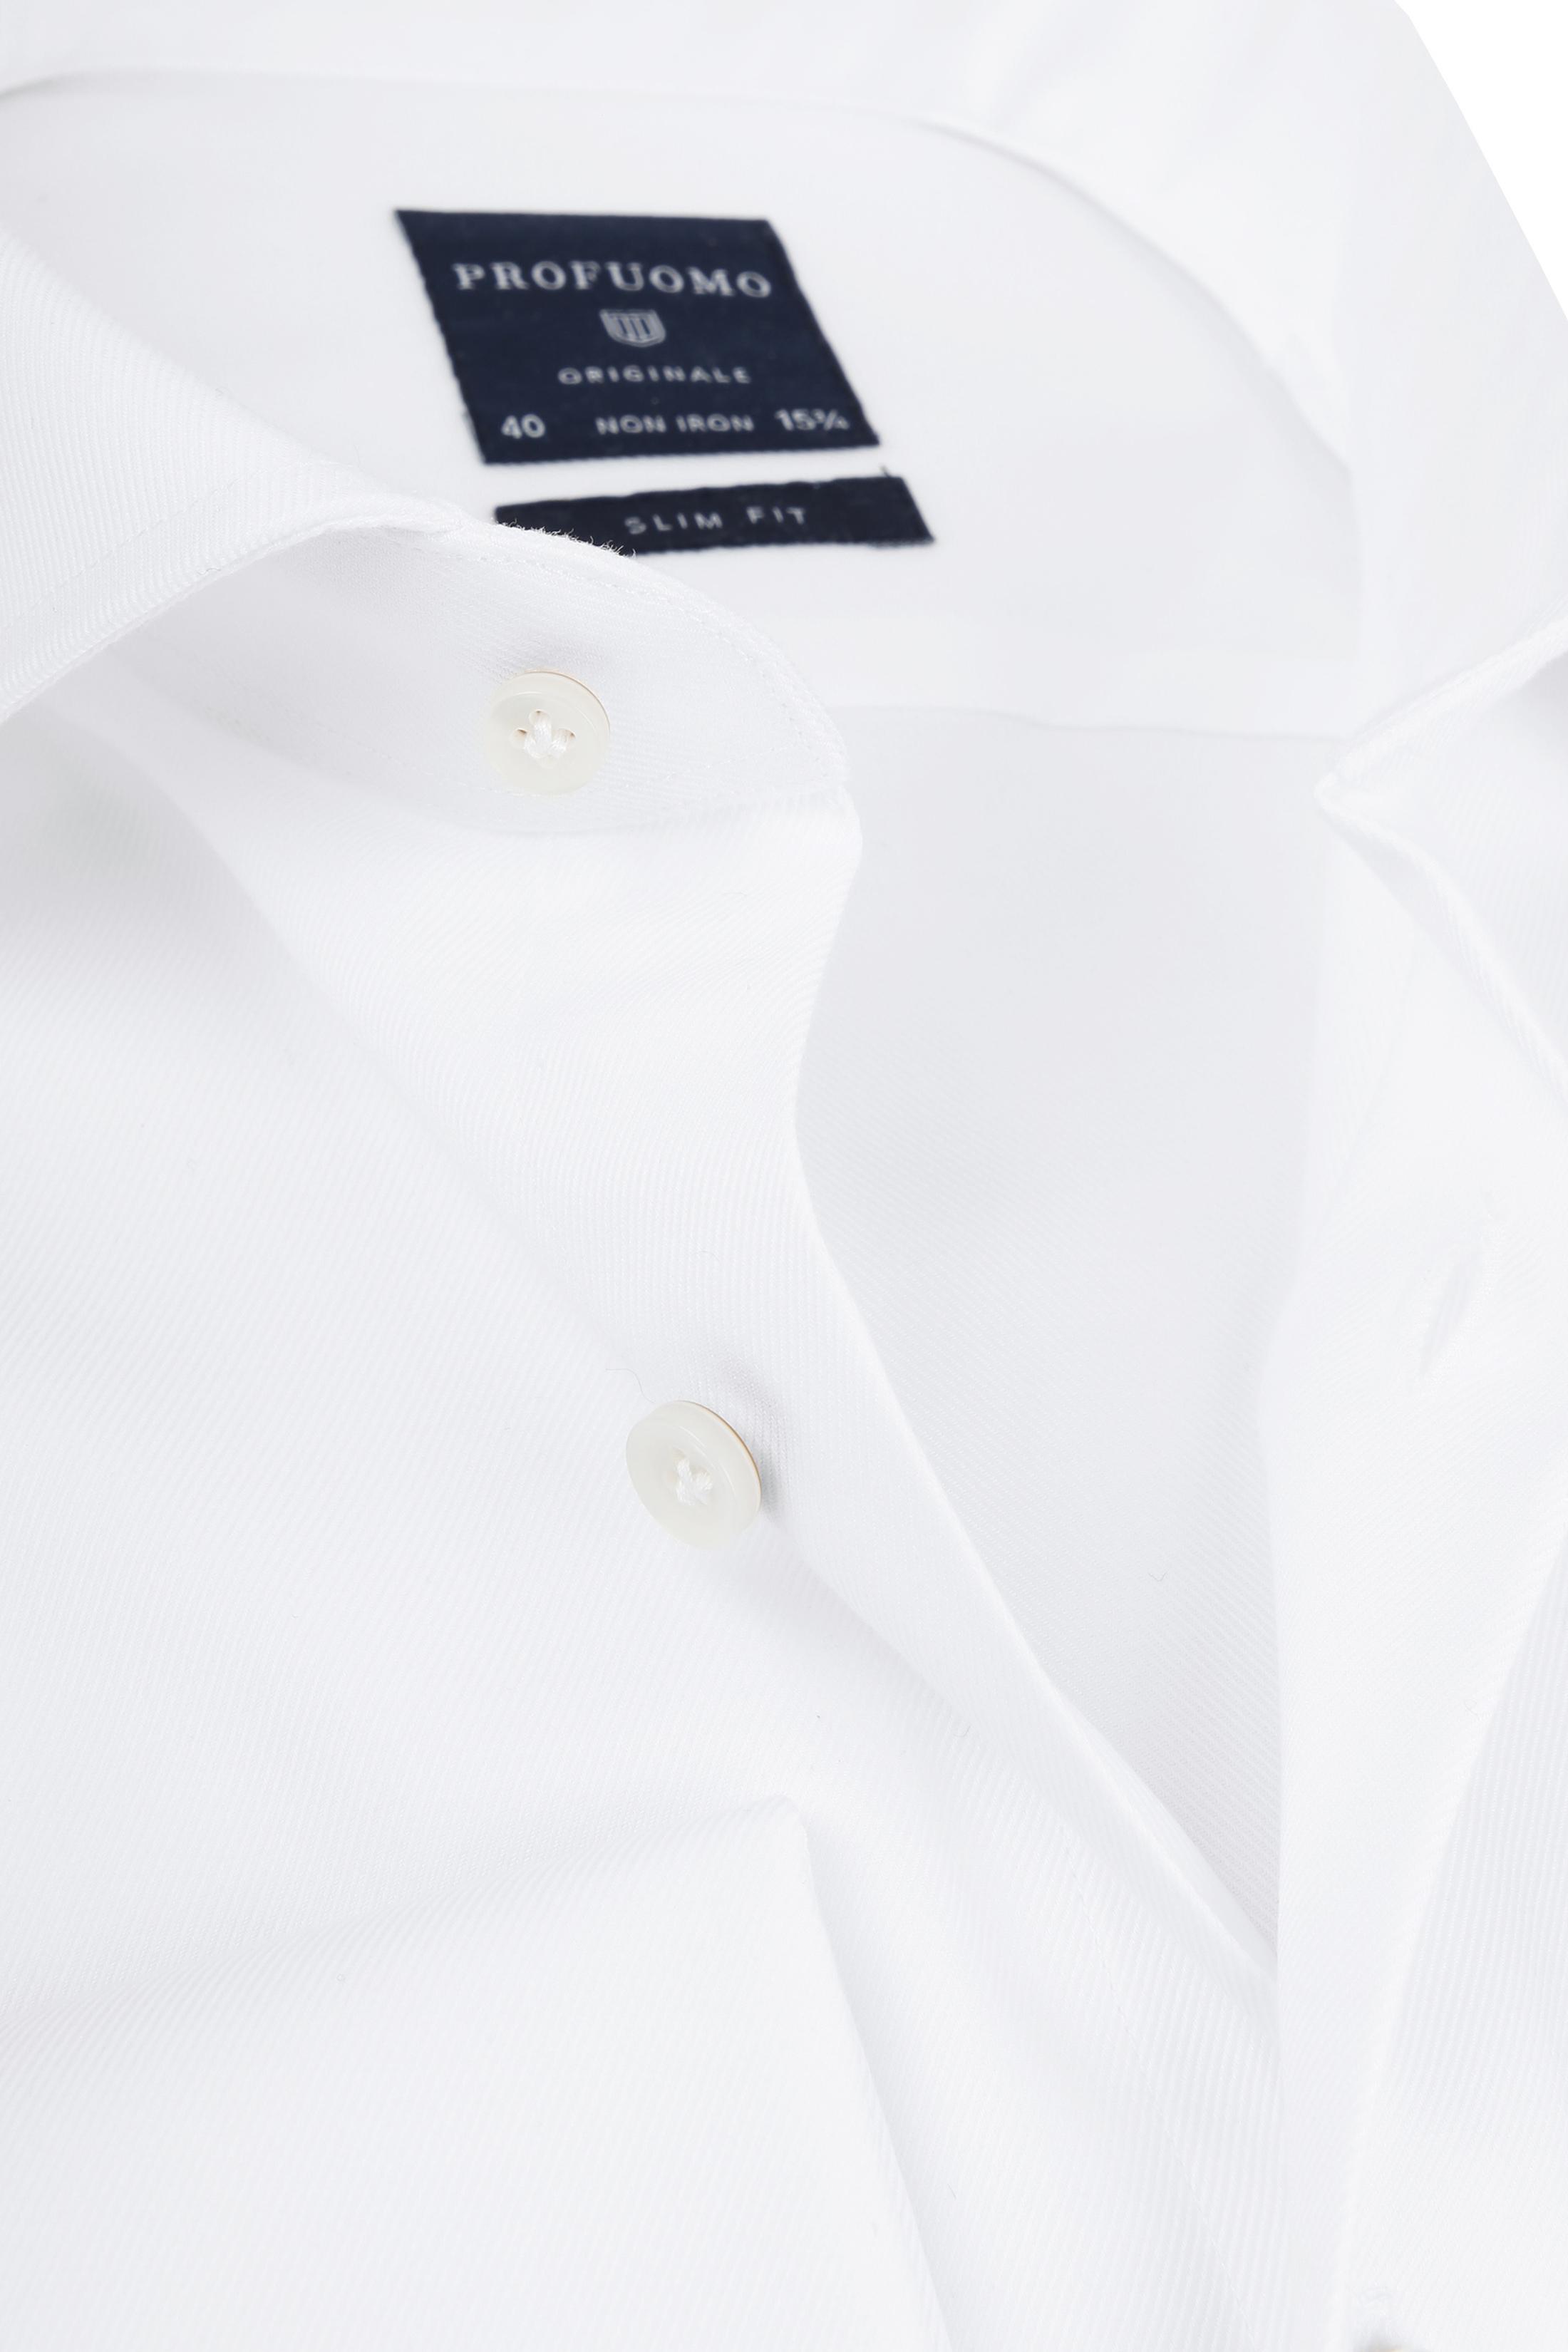 Profuomo Shirt Cutaway Double Cuff White foto 1